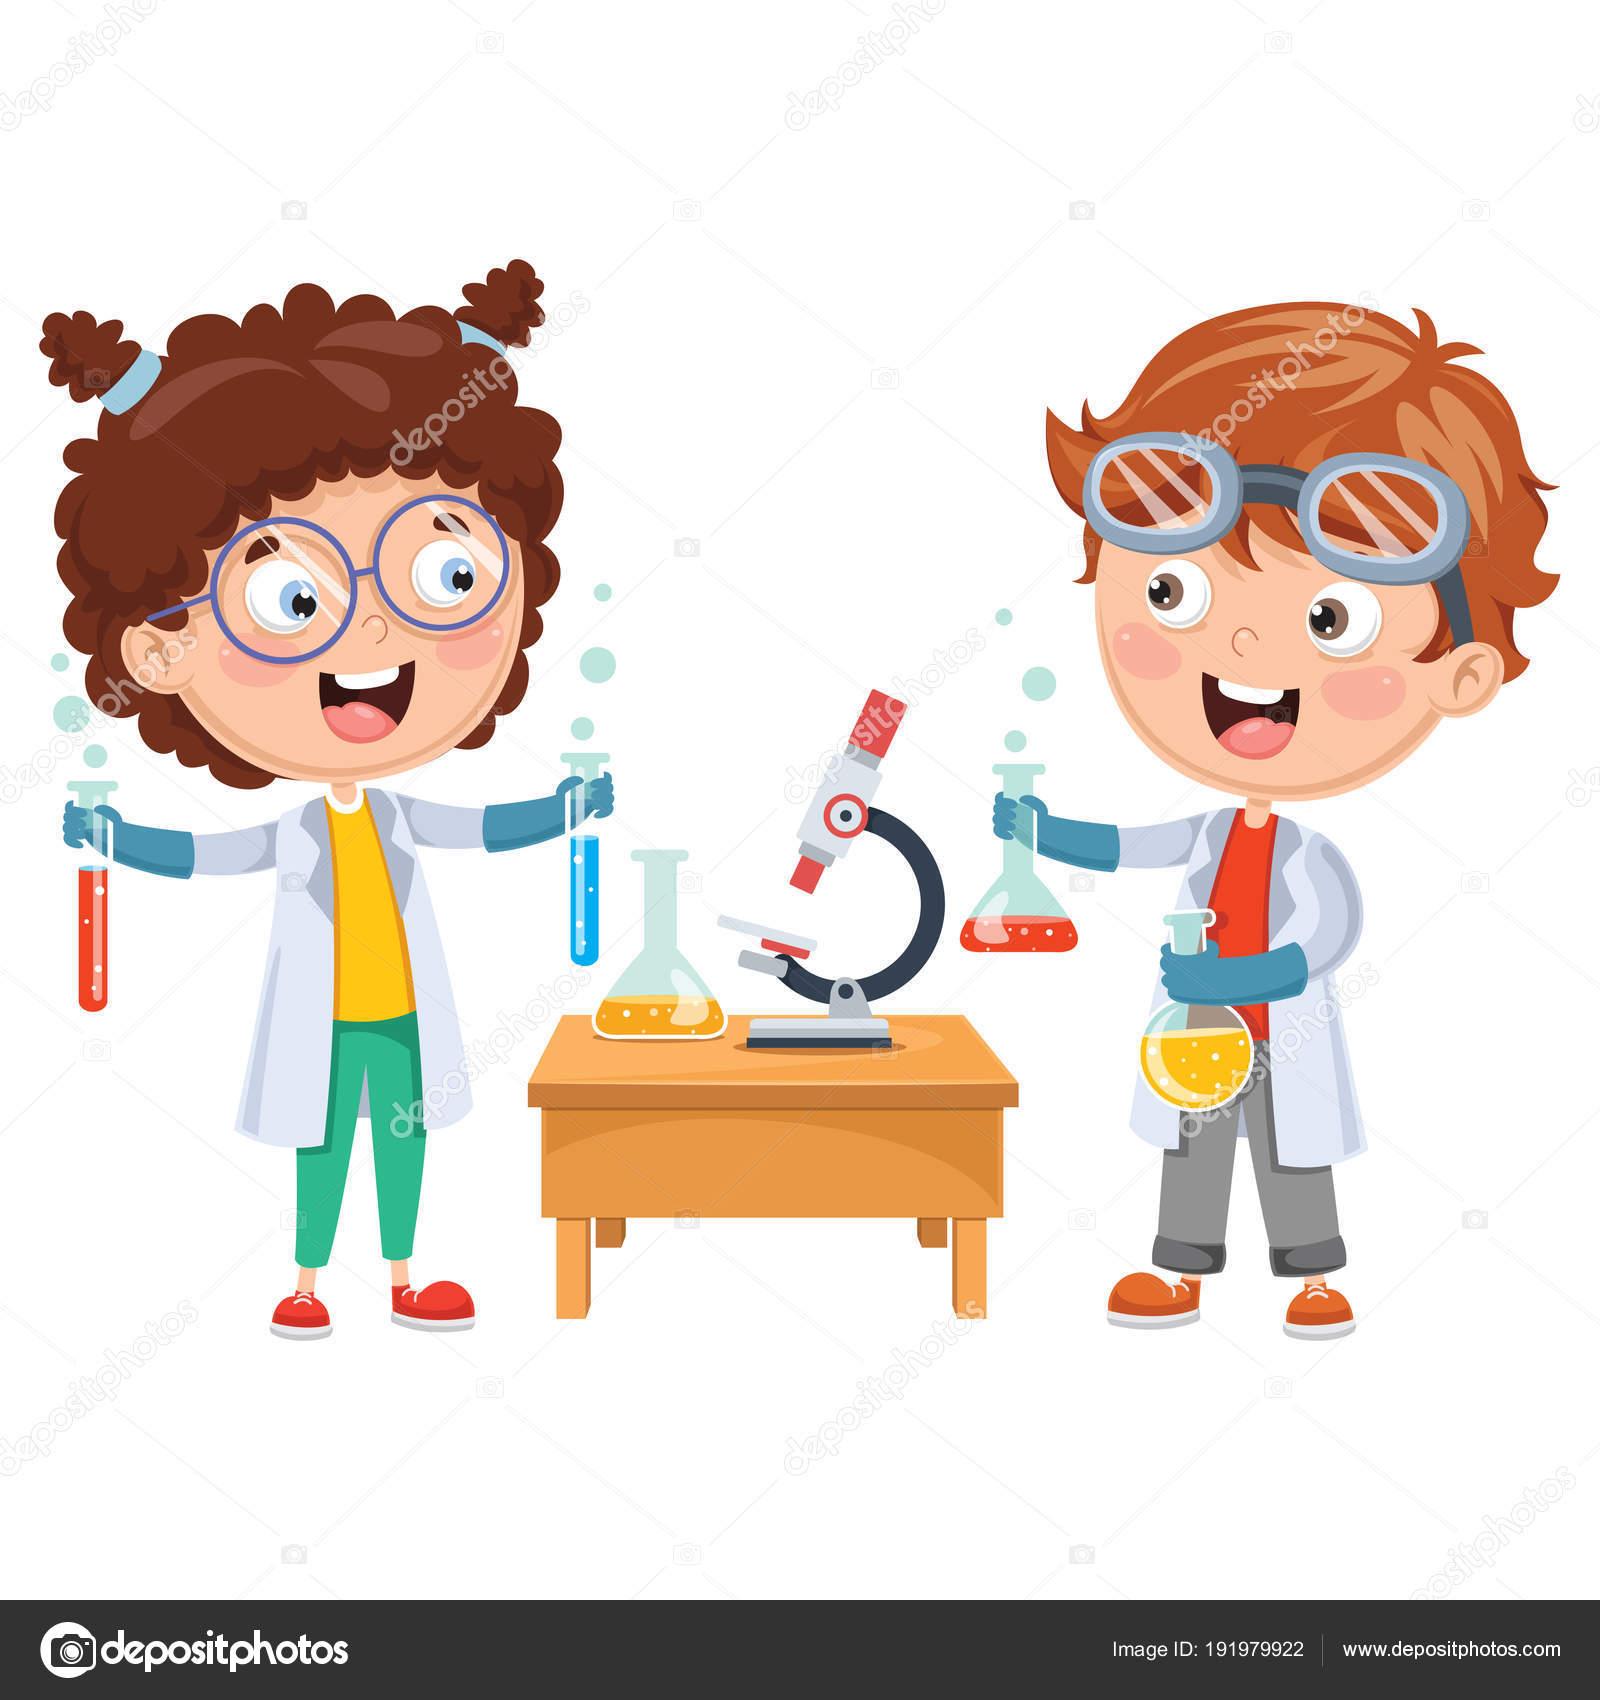 химия для детей картинки